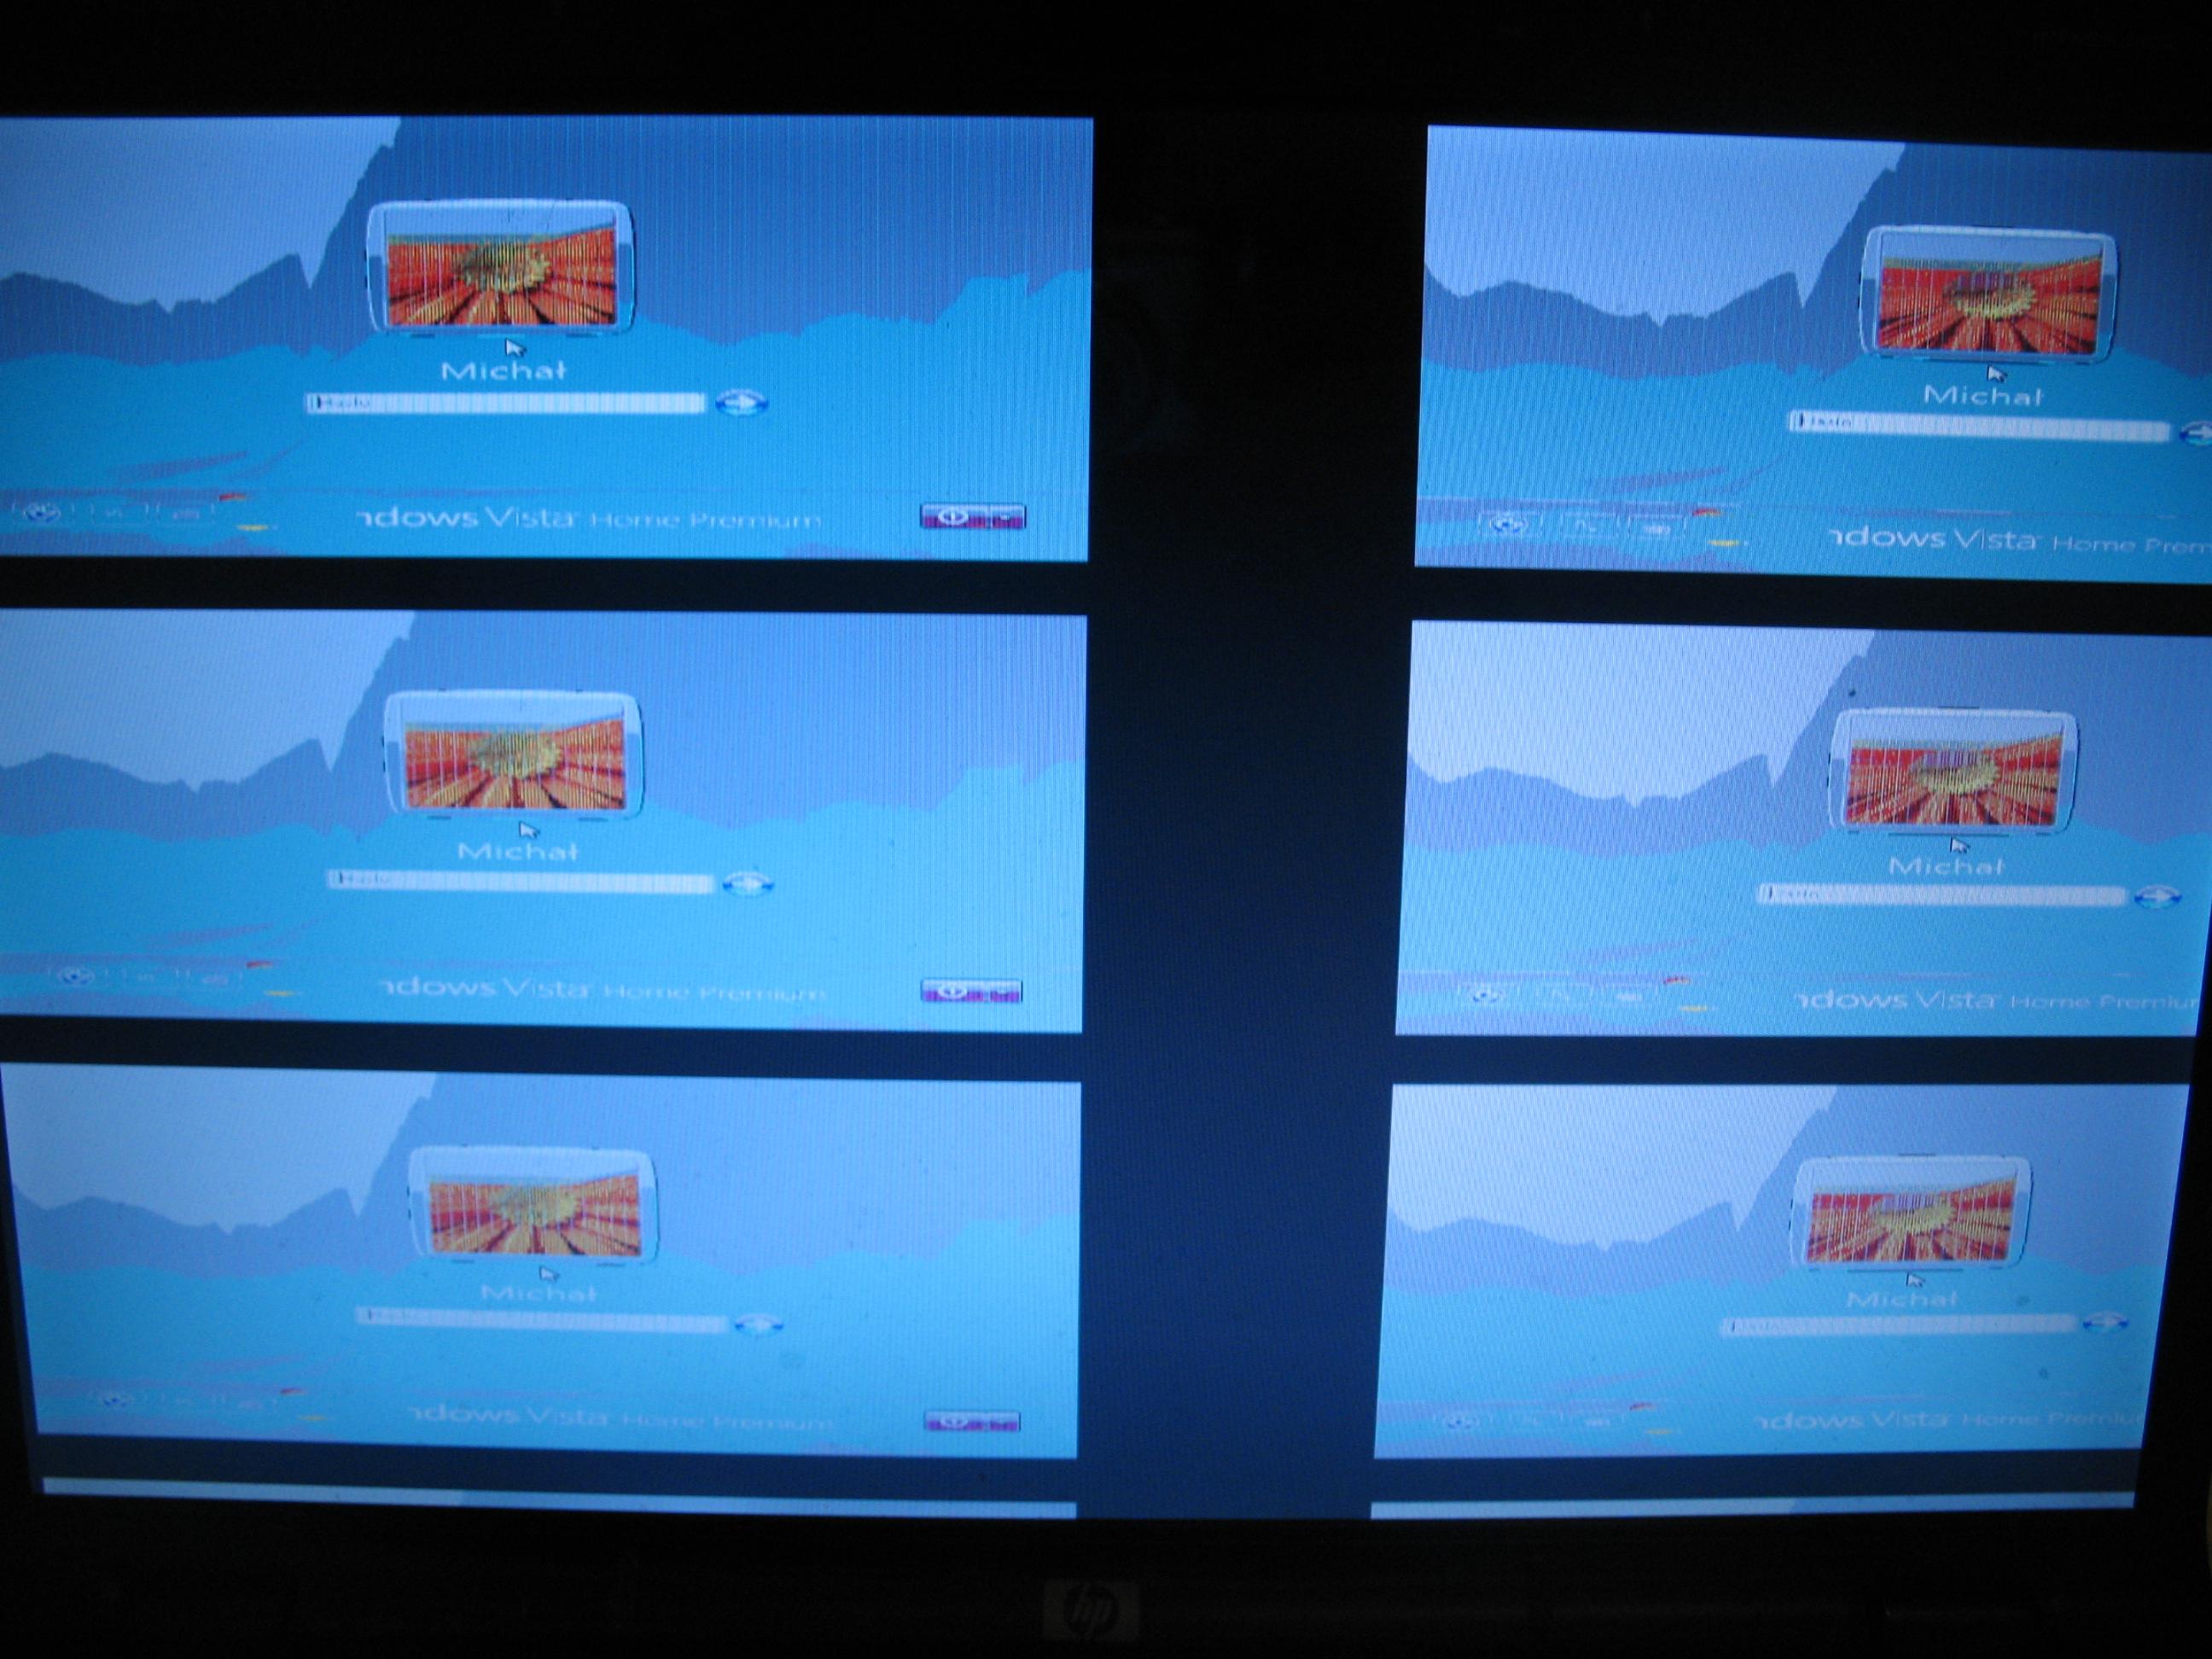 hp pavilion dv6730ew - kilka obraz�w na wy�wietlaczu